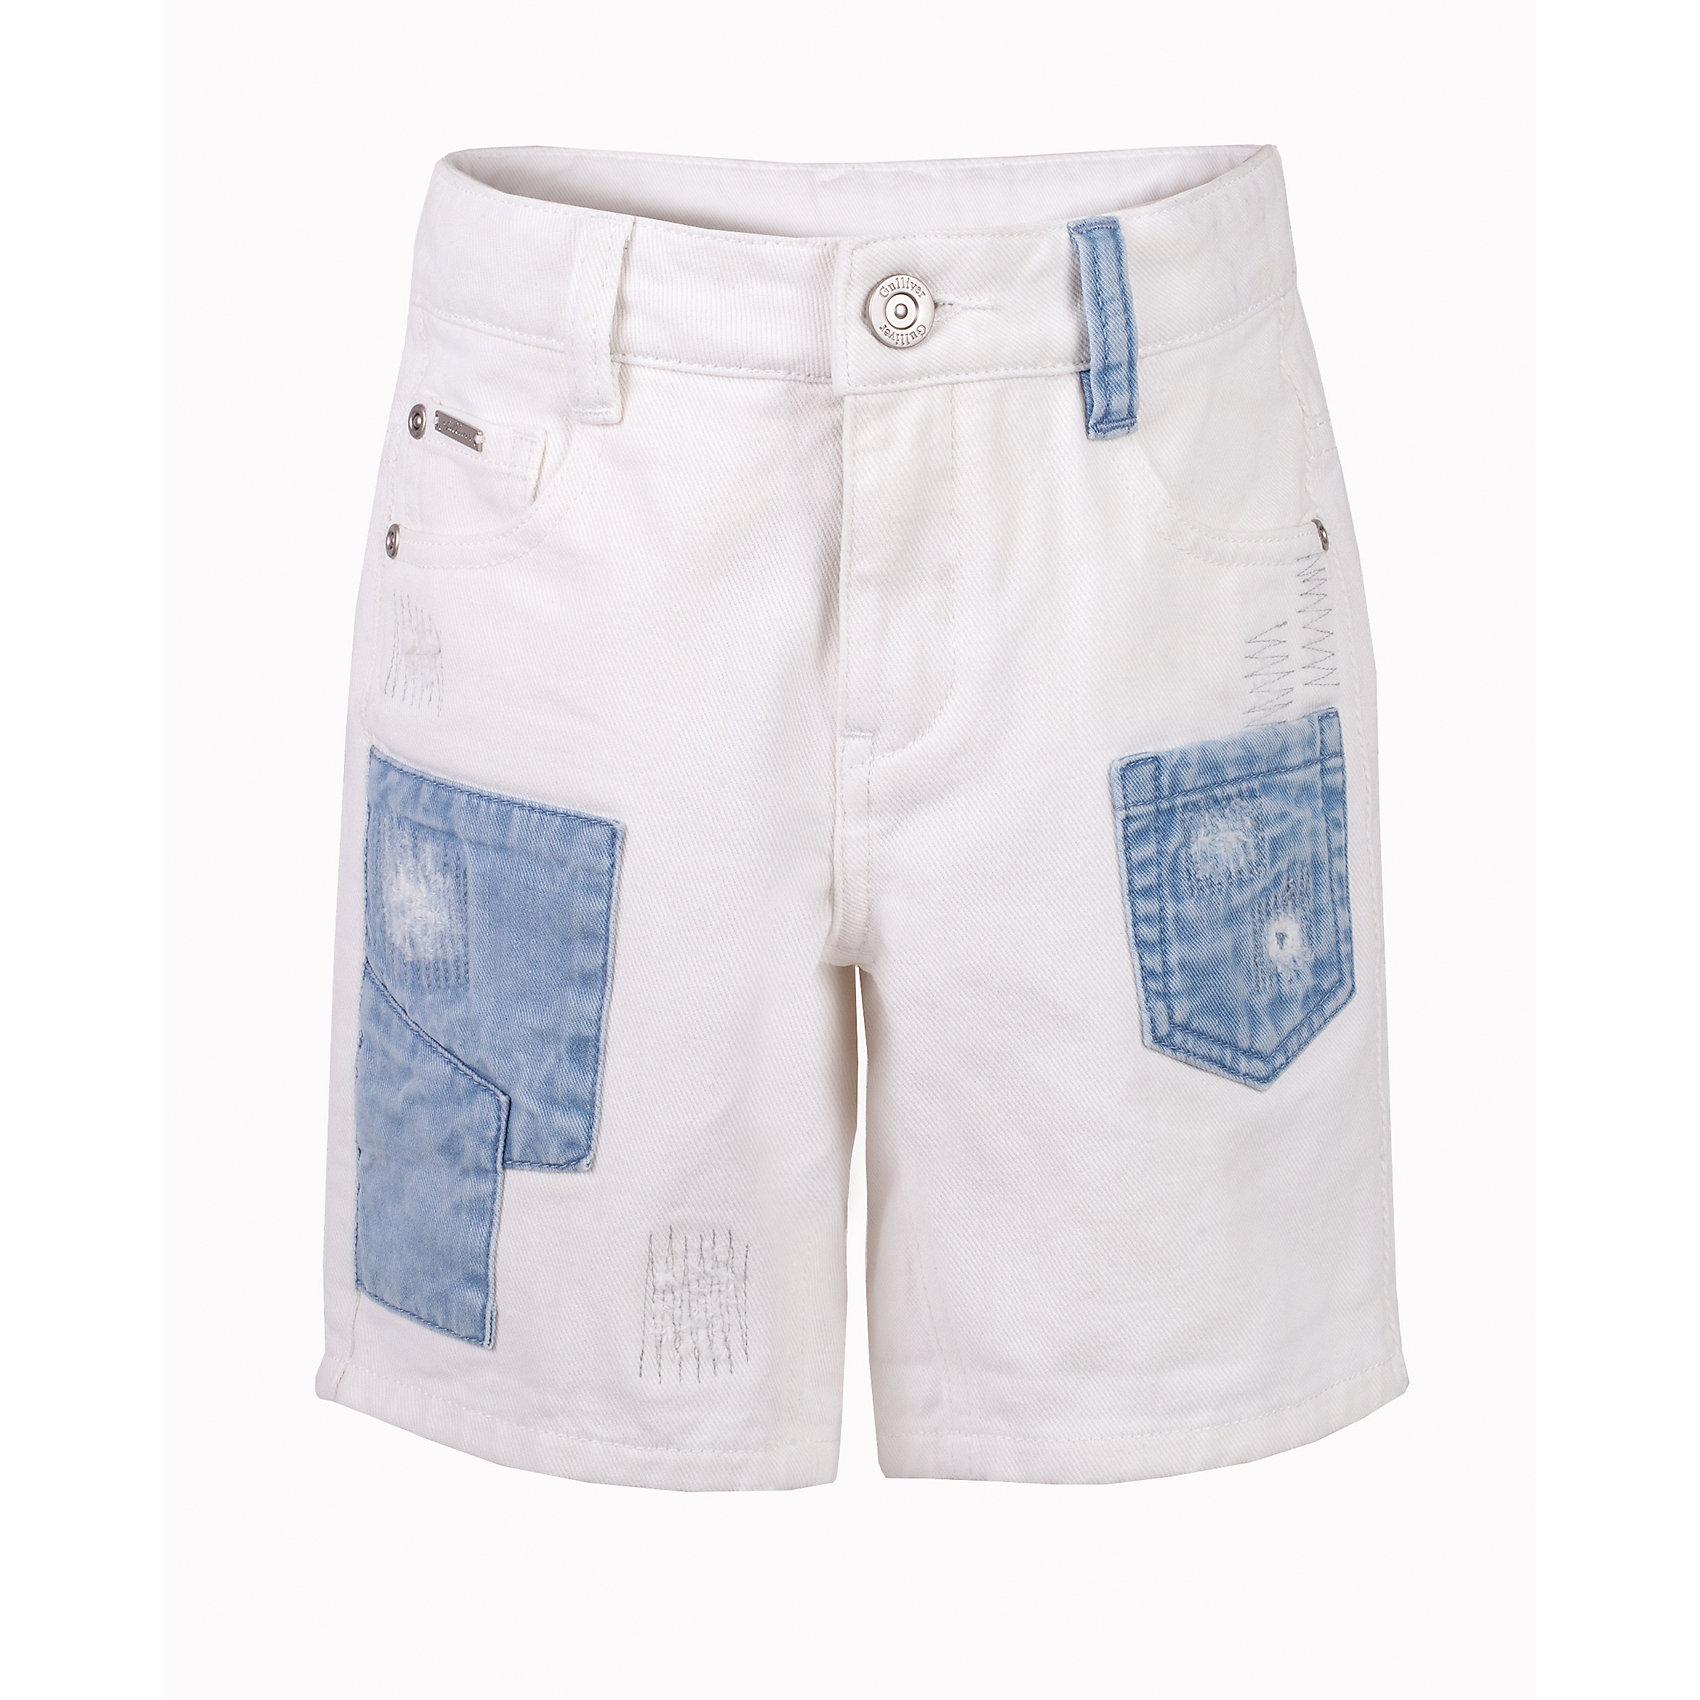 Шорты джинсовые для мальчика GulliverДжинсовая одежда<br>Модные джинсовые шорты для мальчика - изделие из разряда must have! Их необходимость в летнем сезоне давно доказана! Но выбрать шорты, отвечающие и функциональным, и стилистическим требованиям, не так-то просто. Мы давно привыкли к варке, потертостям, повреждениям, но дизайнеры Gulliver в сезоне Весна/Лето 2017 предлагают обратить внимание на новый тренд. Заплатки! Они делают шорты яркими и необычными. Если вы идете в ногу со временем и хотите сформировать летний гардероб ребенка из модных интересных вещей, вам стоит купить детские шорты с джинсовыми заплатками и ваш ребенок, наверняка, их оценит!<br>Состав:<br>100% хлопок<br><br>Ширина мм: 191<br>Глубина мм: 10<br>Высота мм: 175<br>Вес г: 273<br>Цвет: белый<br>Возраст от месяцев: 72<br>Возраст до месяцев: 84<br>Пол: Мужской<br>Возраст: Детский<br>Размер: 122,140,128,134<br>SKU: 5482967